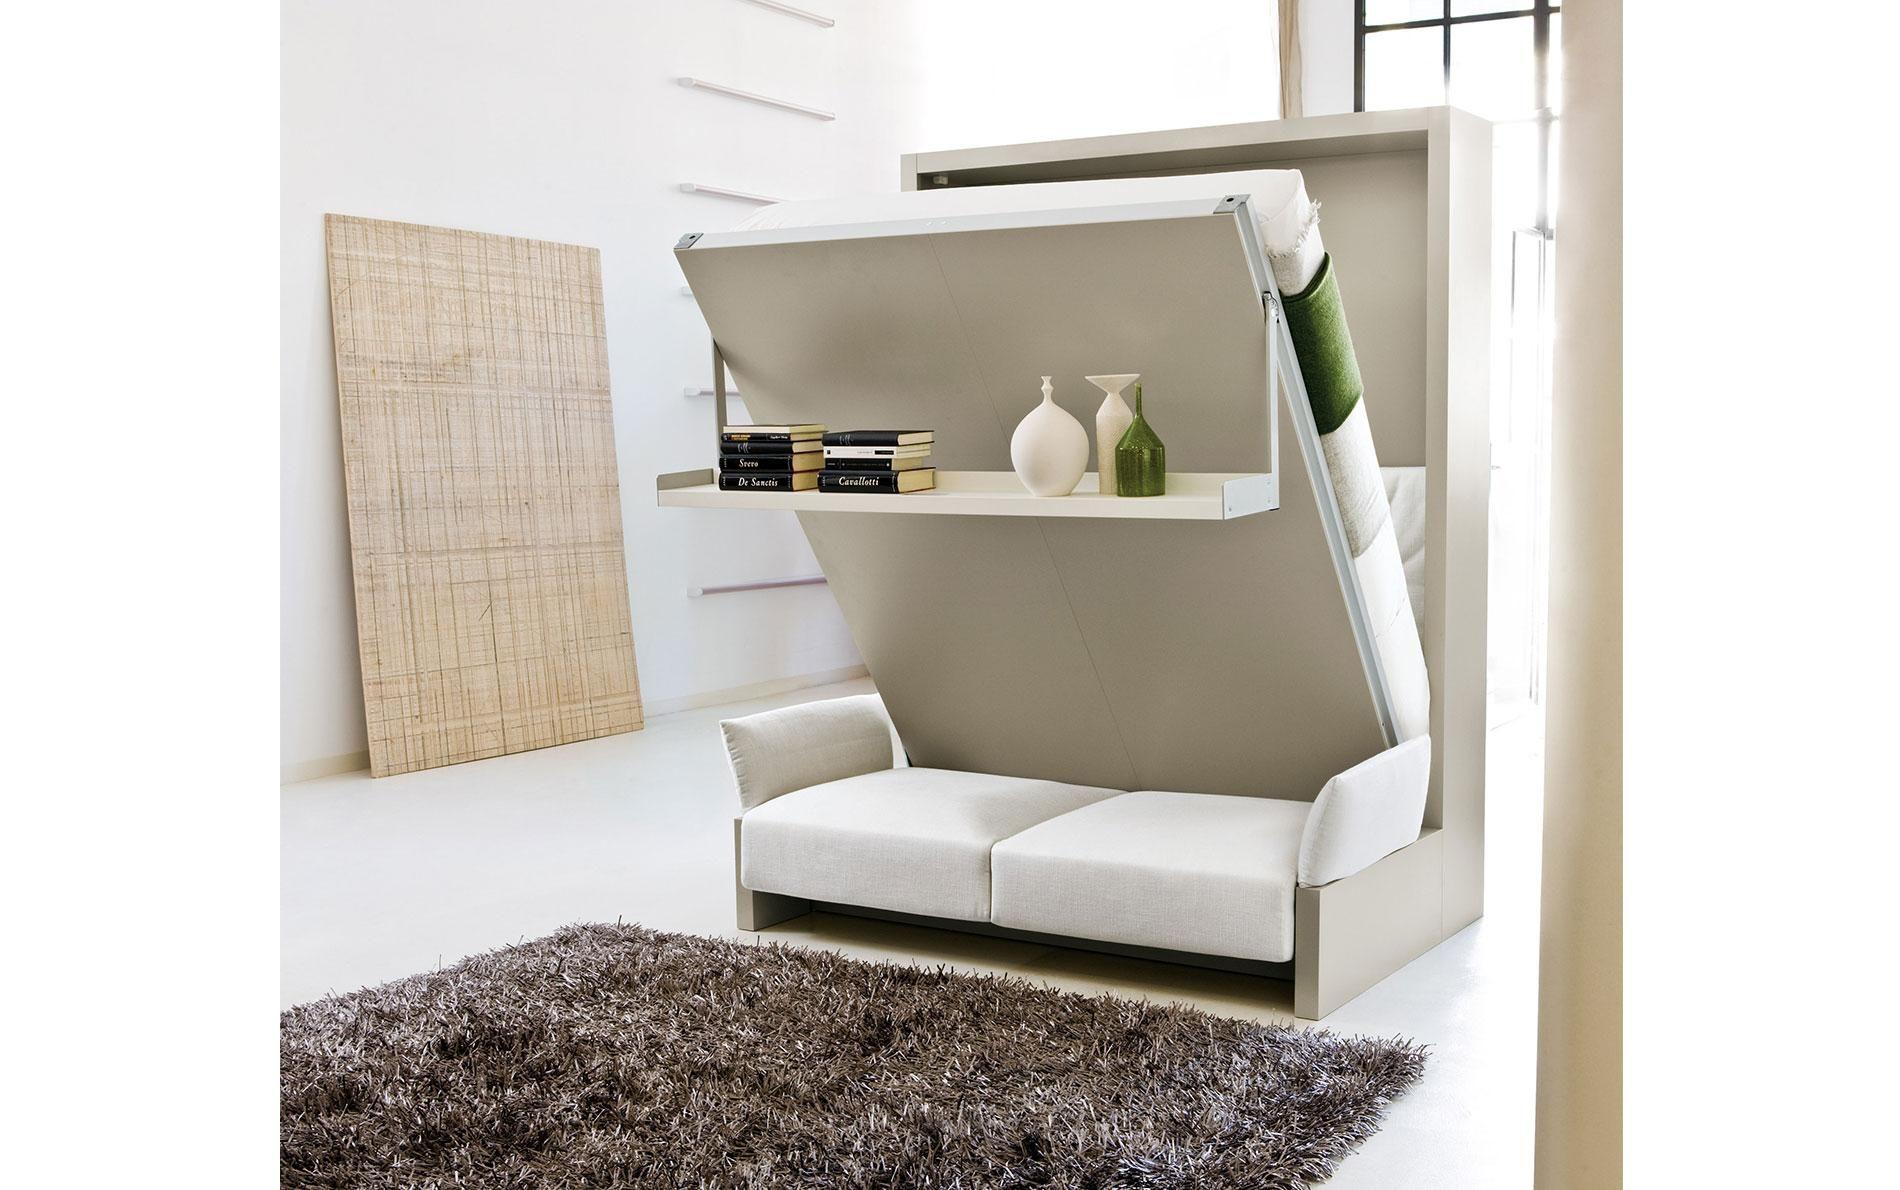 designer schrankbett nuovo liola, weil sich wenig platz ideal, Gartengerate ideen